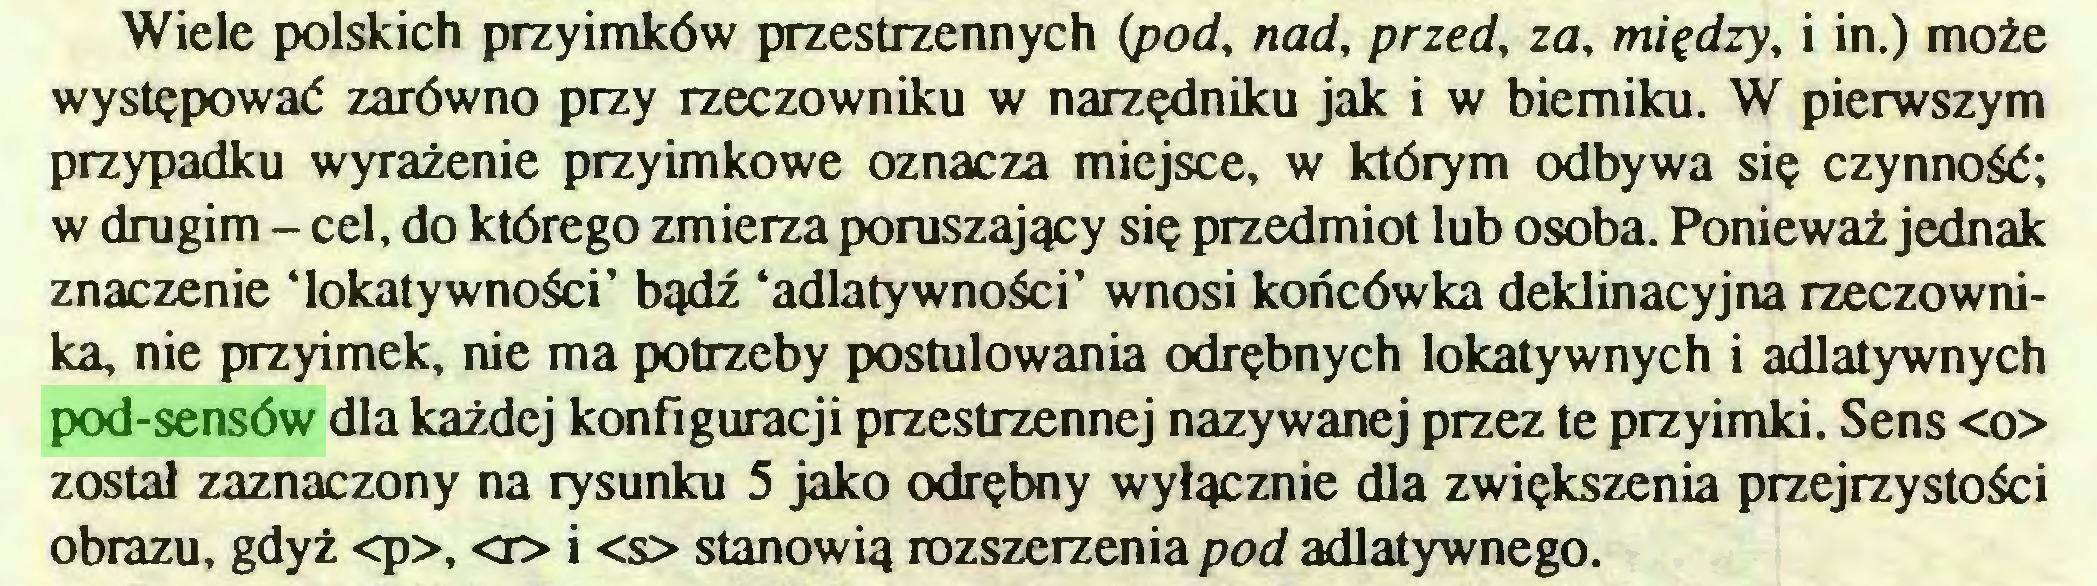 (...) Wiele polskich przyimków przestrzennych (pod, nad, przed, za, między, i in.) może występować zarówno przy rzeczowniku w narzędniku jak i w bierniku. W pierwszym przypadku wyrażenie przyimkowe oznacza miejsce, w którym odbywa się czynność; w drugim - cel, do którego zmierza poruszający się przedmiot lub osoba. Ponieważ jednak znaczenie 'lokatywności' bądź 'adlatywności' wnosi końcówka deklinacyjna rzeczownika, nie przyimek, nie ma potrzeby postulowania odrębnych lokatywnych i adlatywnych pod-sensów dla każdej konfiguracji przestrzennej nazywanej przez te przyimki. Sens <o> został zaznaczony na rysunku 5 jako odrębny wyłącznie dla zwiększenia przejrzystości obrazu, gdyż <p>, <n> i <s> stanowią rozszerzenia pod adlatywnego...